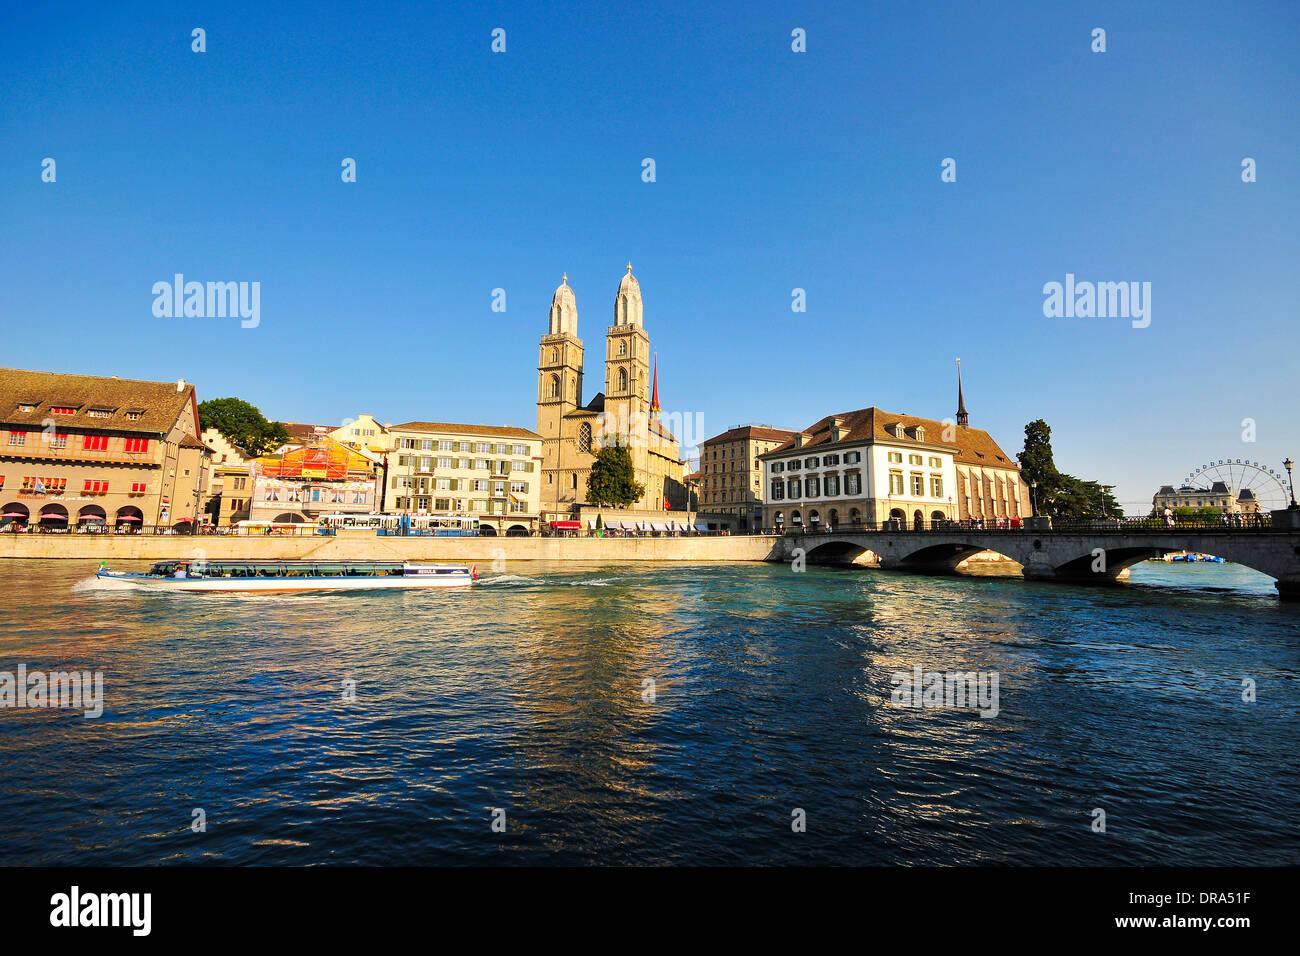 Limmat River in Zurich, Switzerland - Stock Image